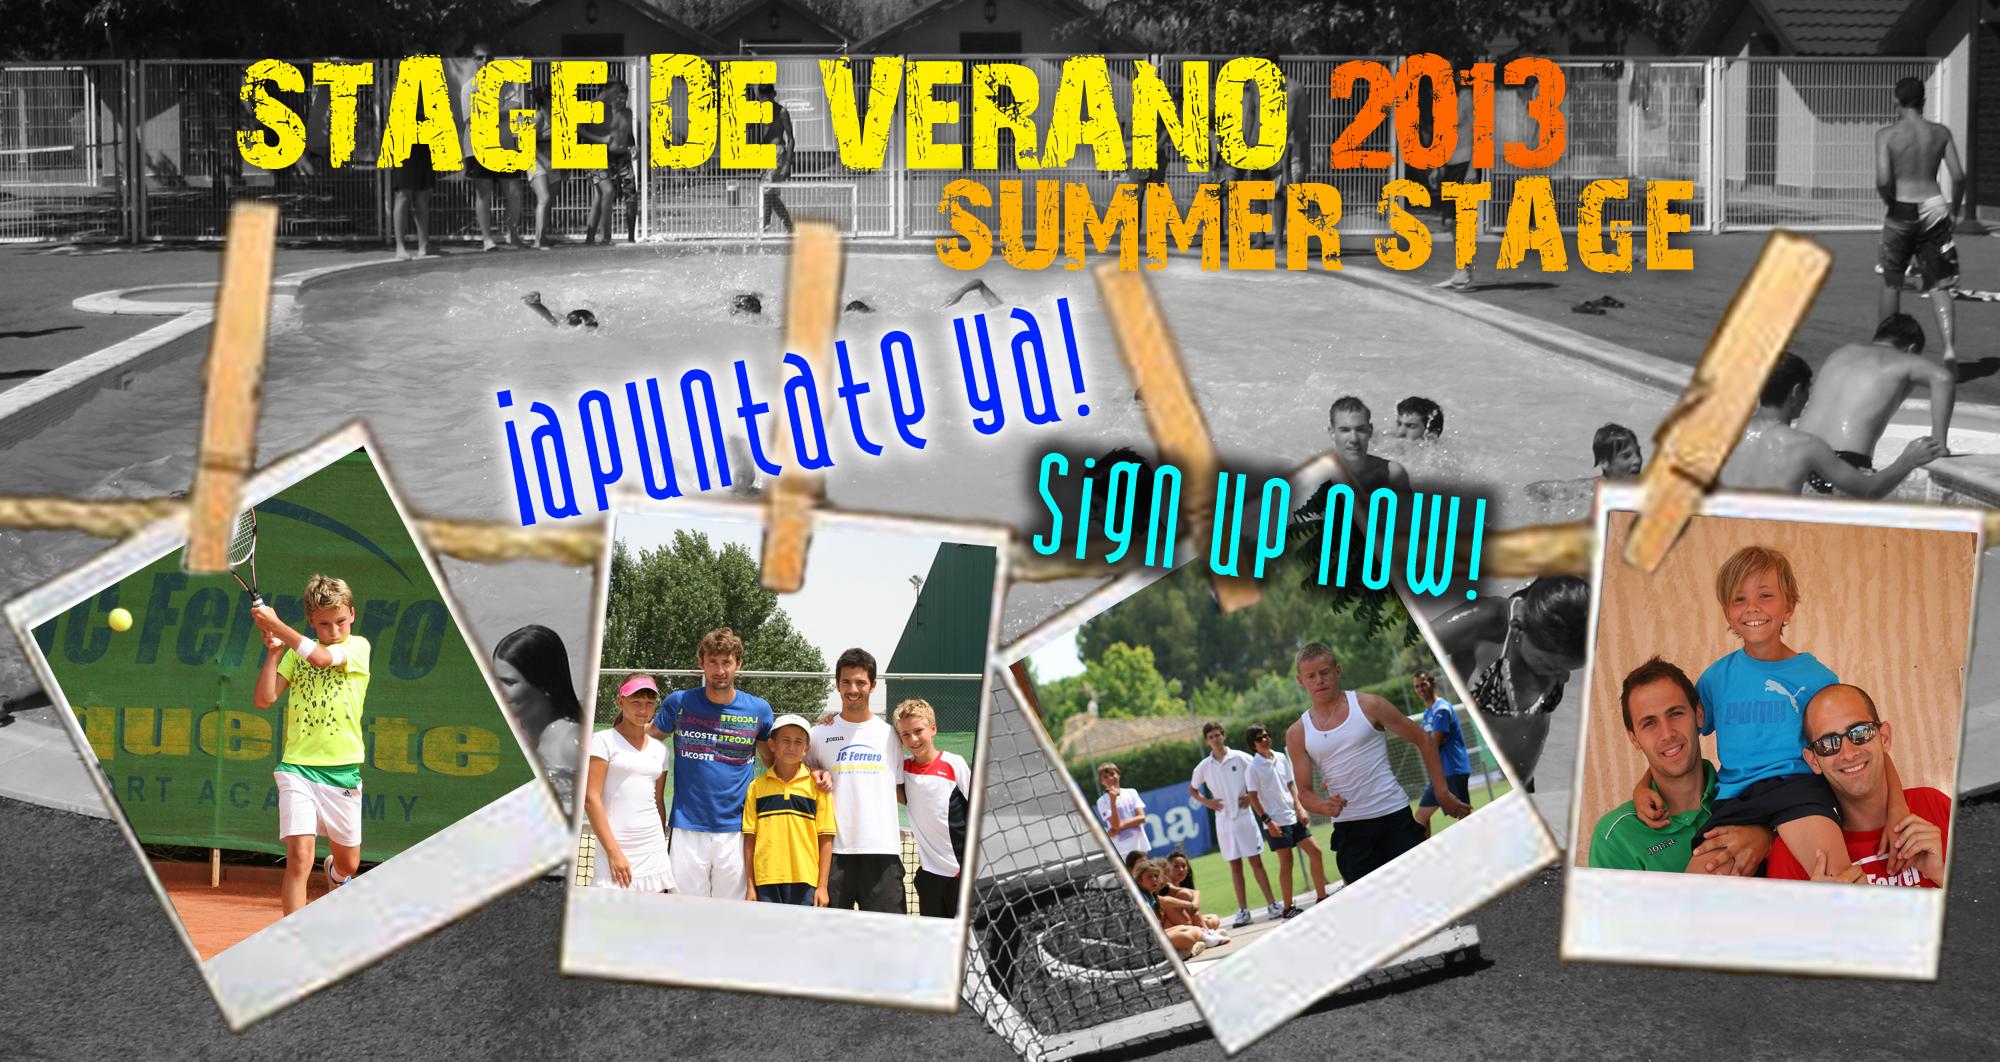 Campaña Stage de Verano 2013